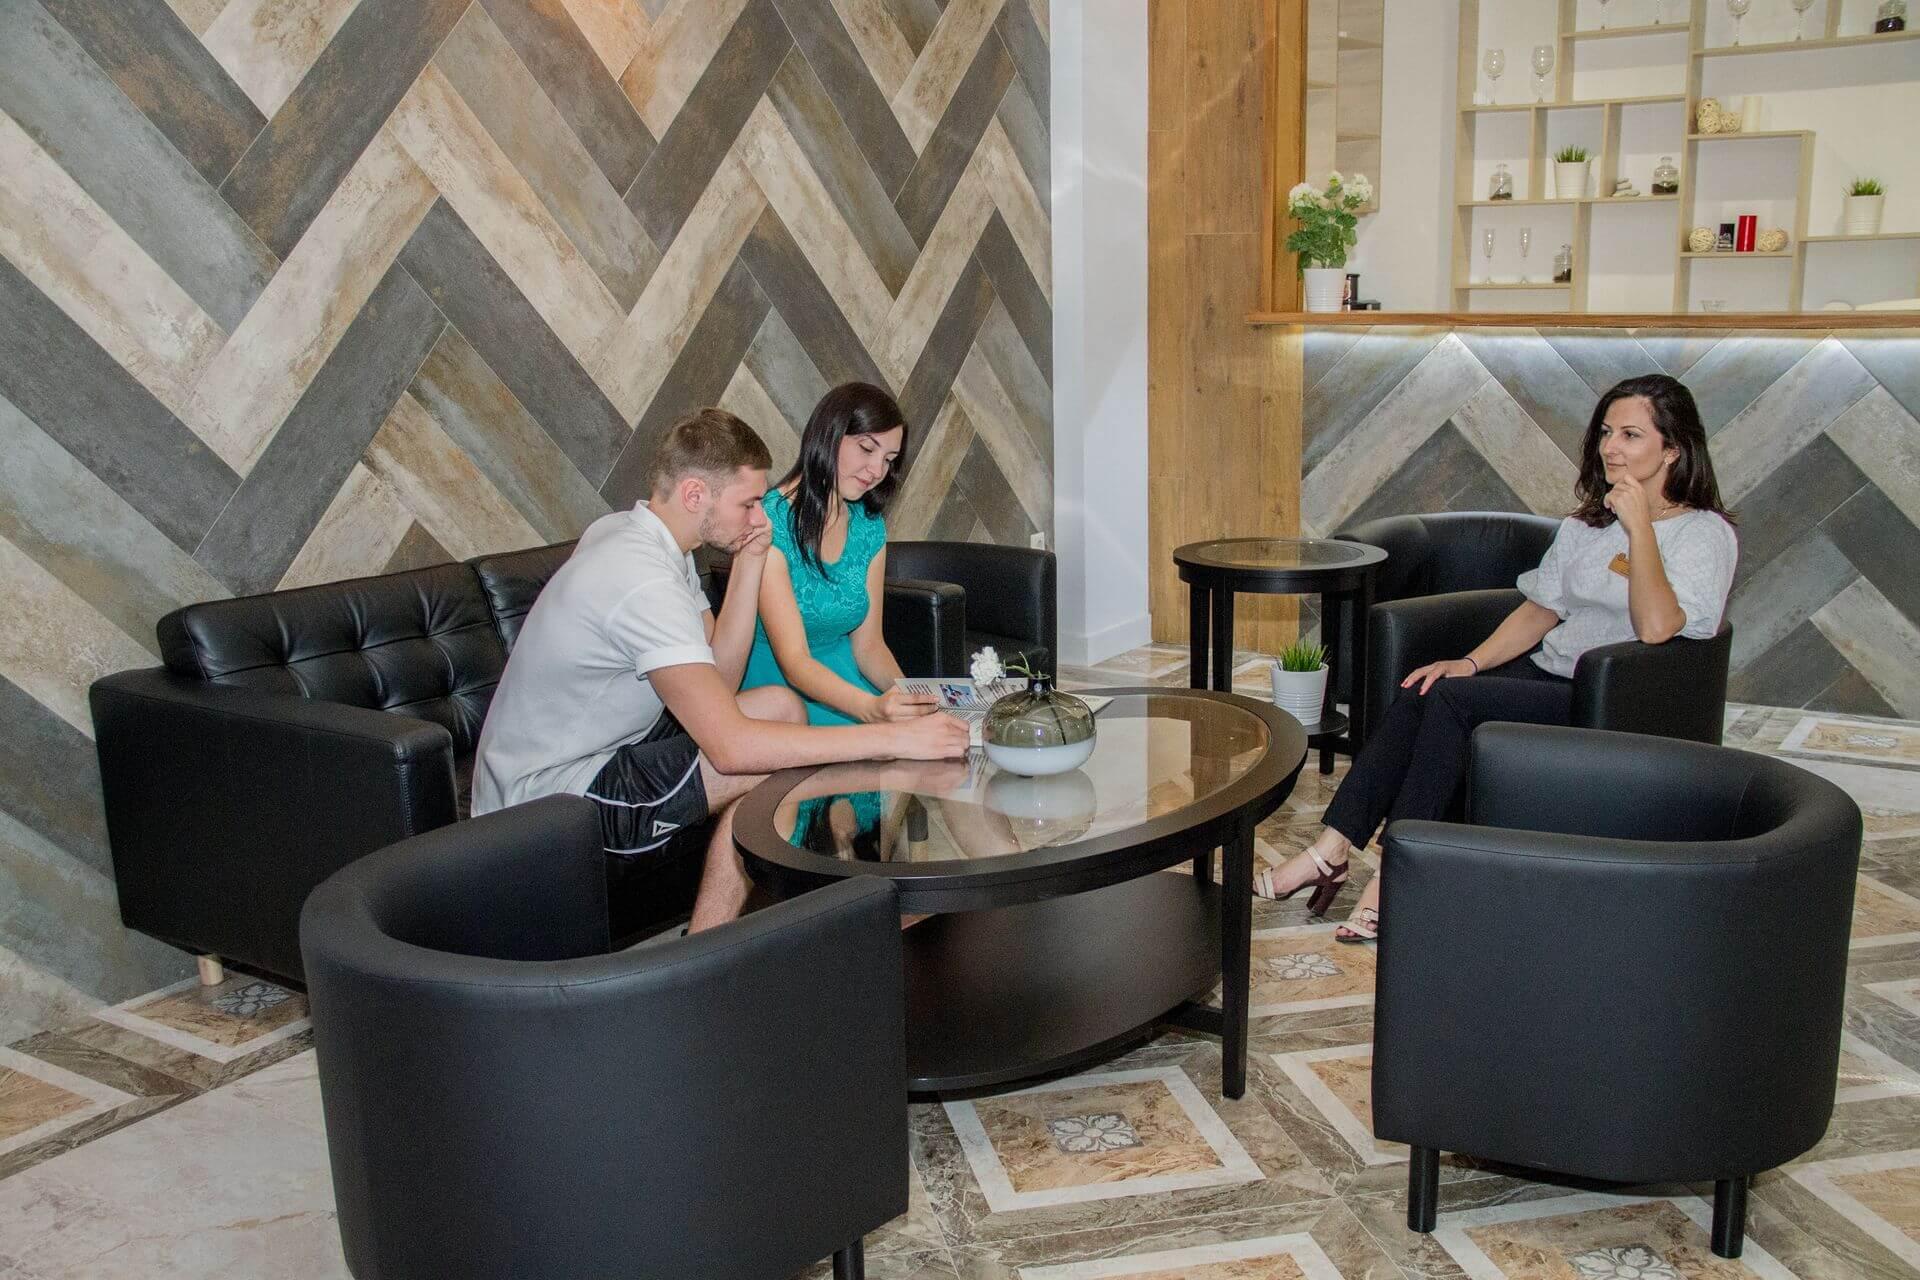 СПА салон - Гранд отель Гагра - отель европейского уровня в Абхазии (Grand Hotel Gagra)